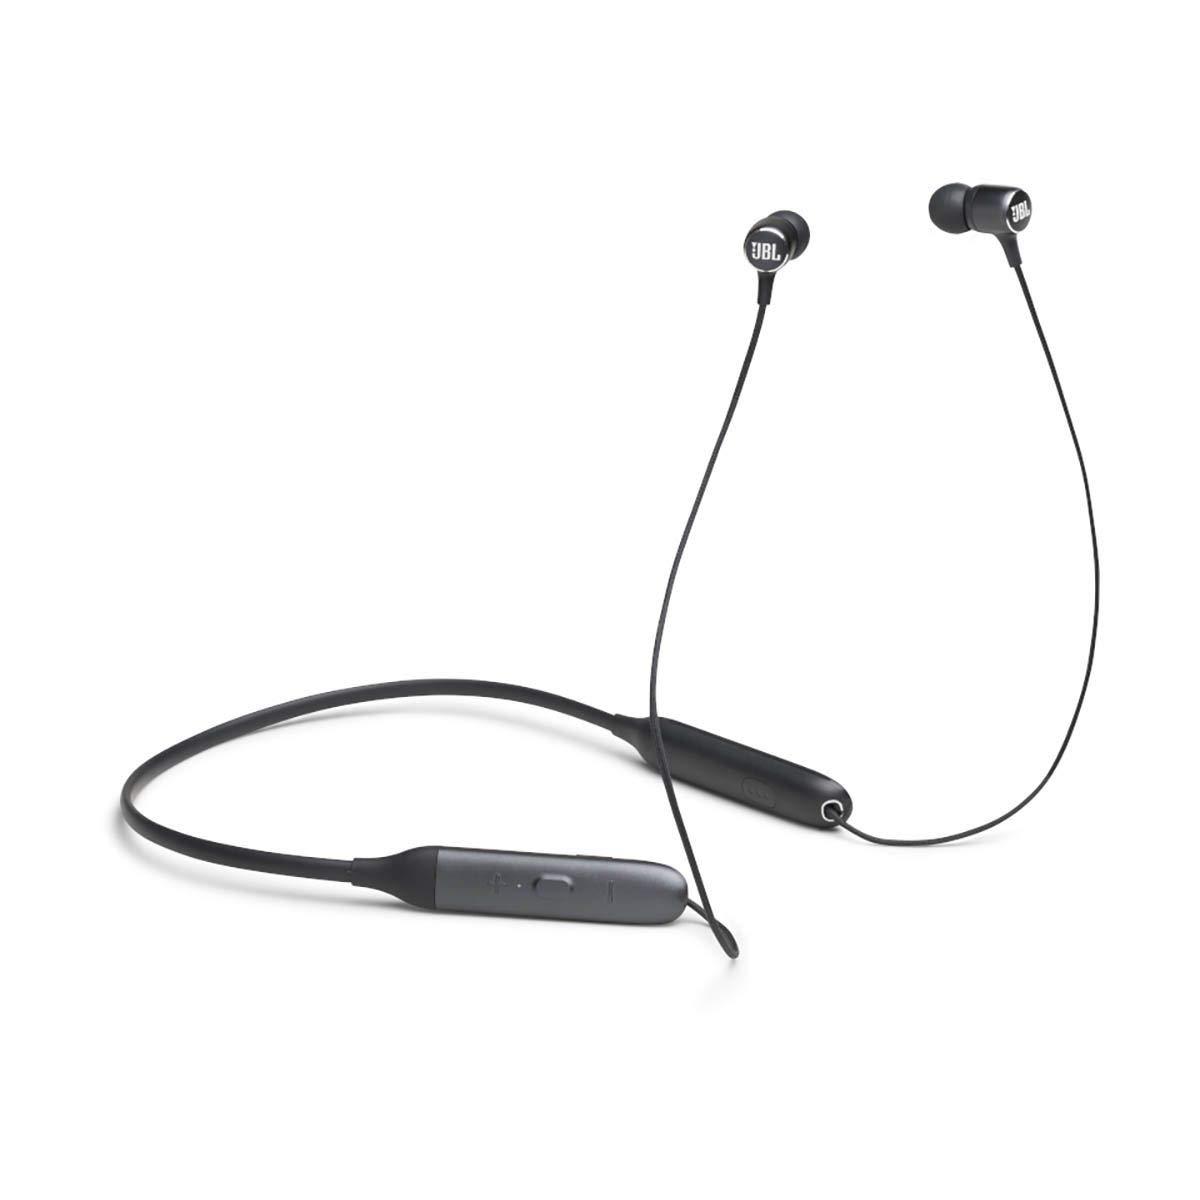 JBL LIVE 220 - In-Ear Neckband Wireless Headphone - Black